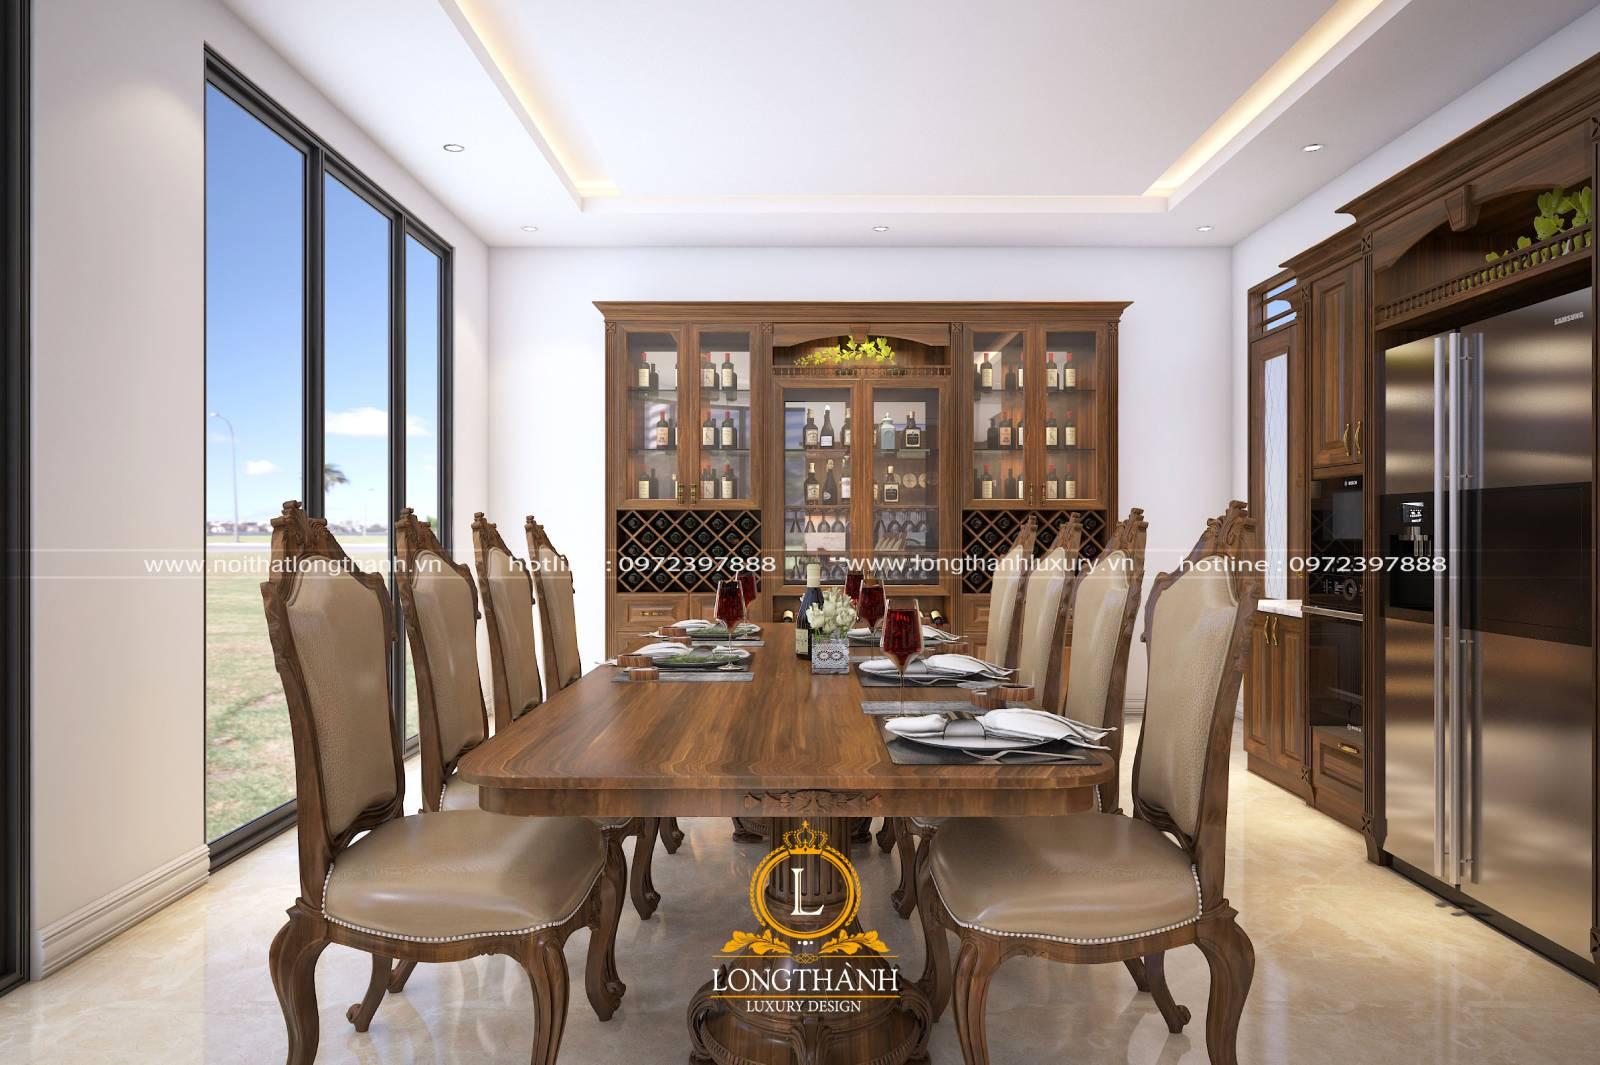 Mẫu bàn ghế ăn chất liệu gỗ Sồi cao cấp